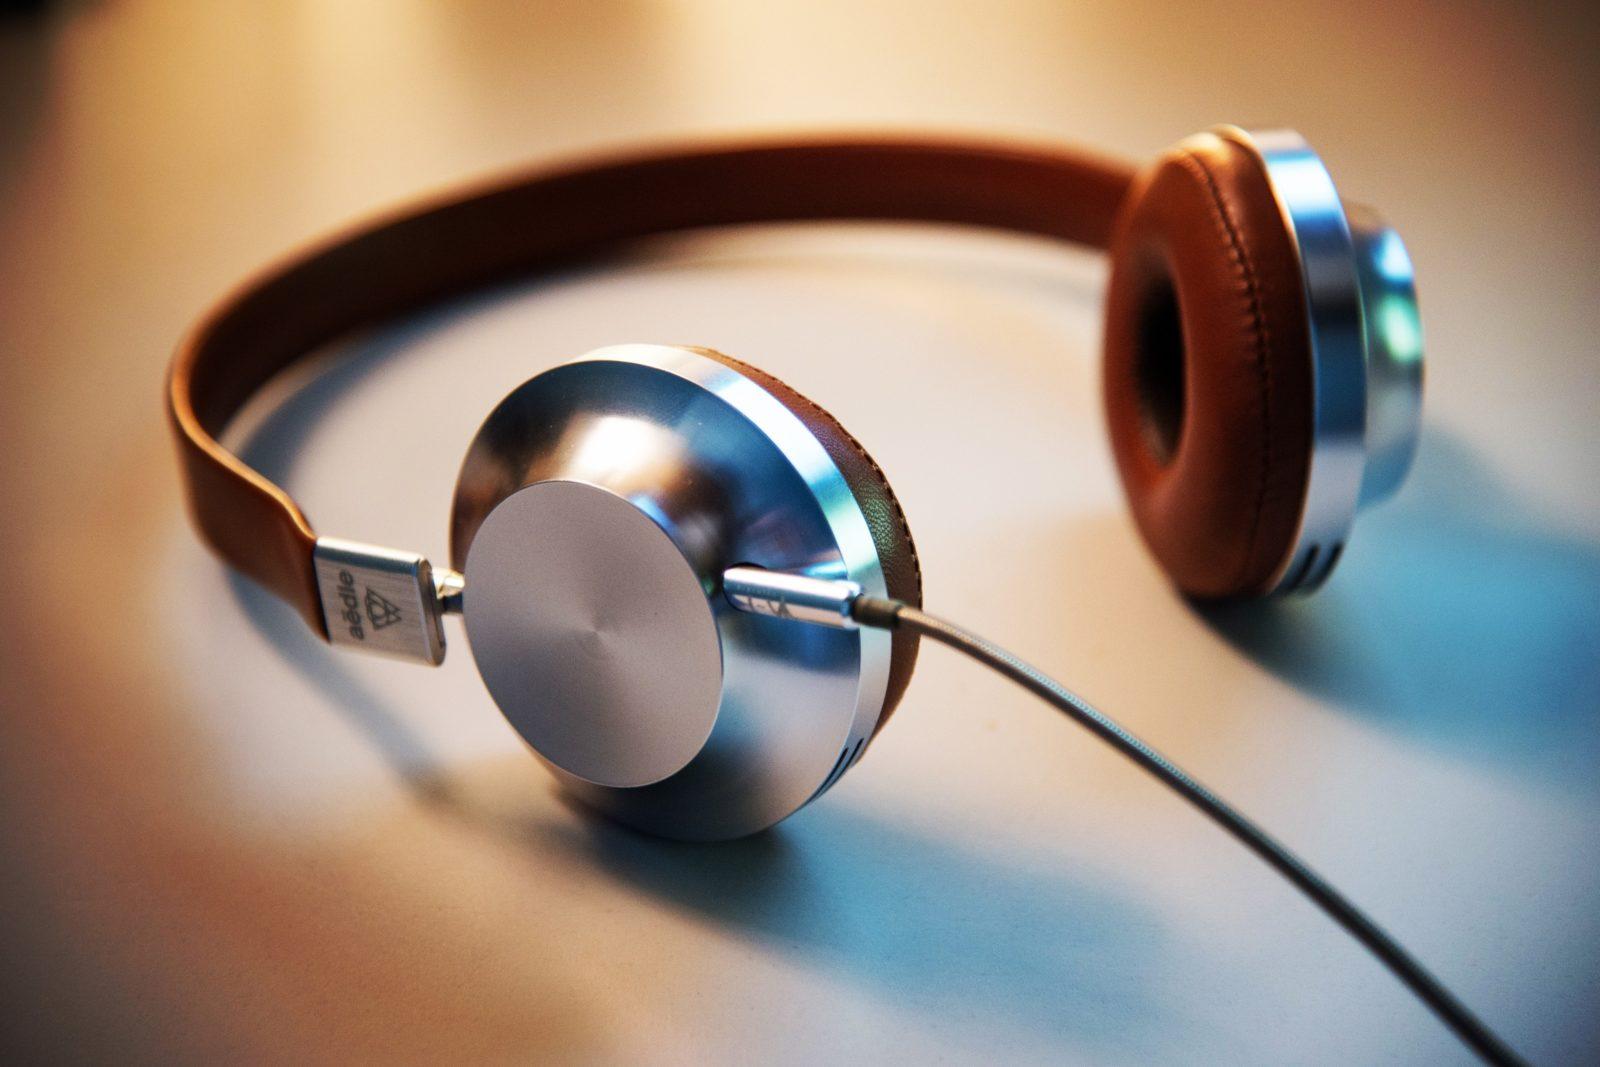 Over-Ear-Kopfhörer mit Kabel auf einem weißen Tisch.